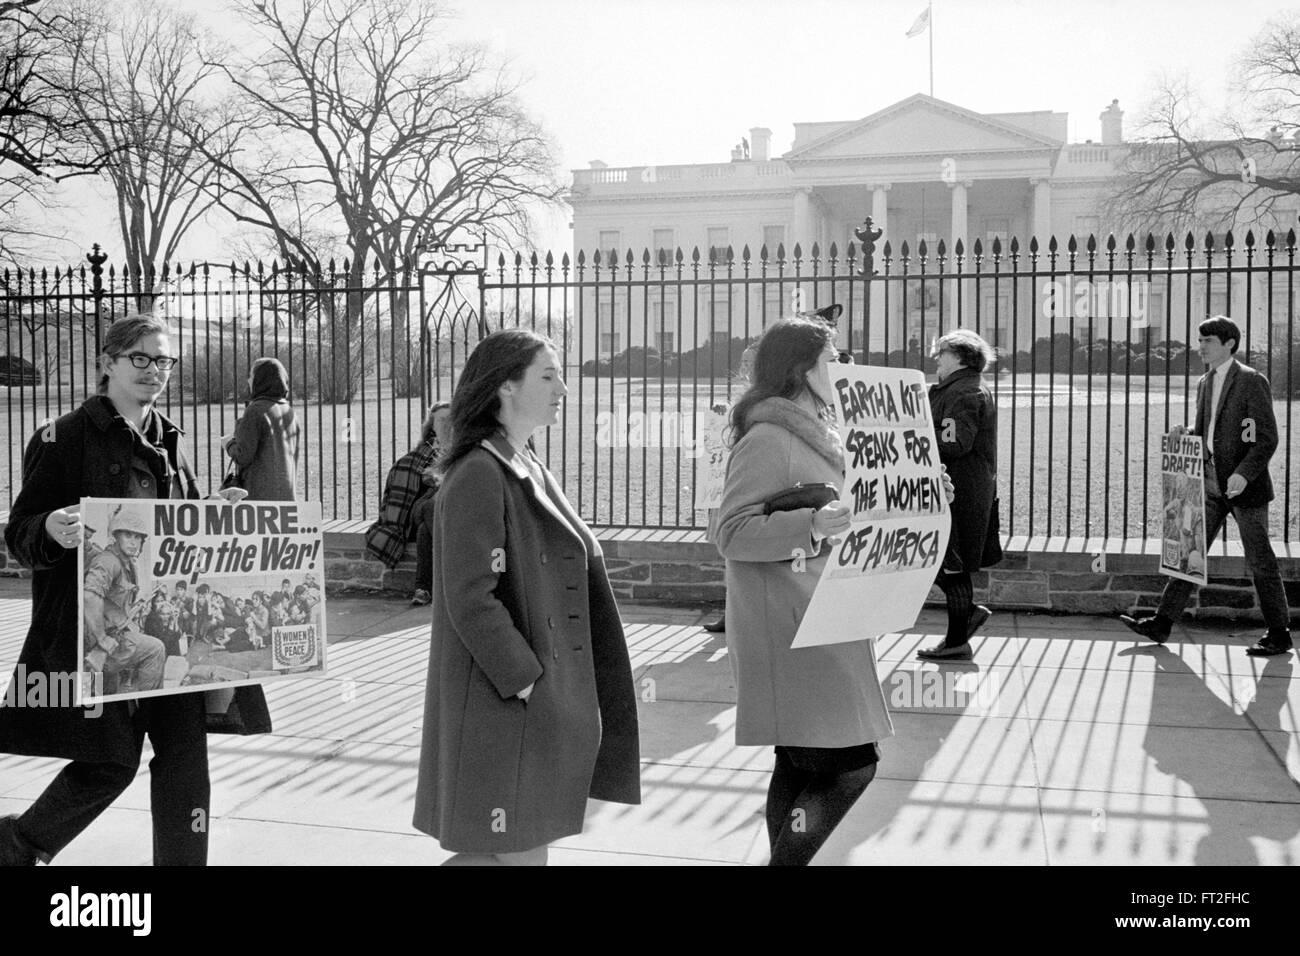 Protesta contra la guerra de Vietnam. Guerra Anti-Vietnam manifestantes afuera de la Casa Blanca en Washington DC, Imagen De Stock